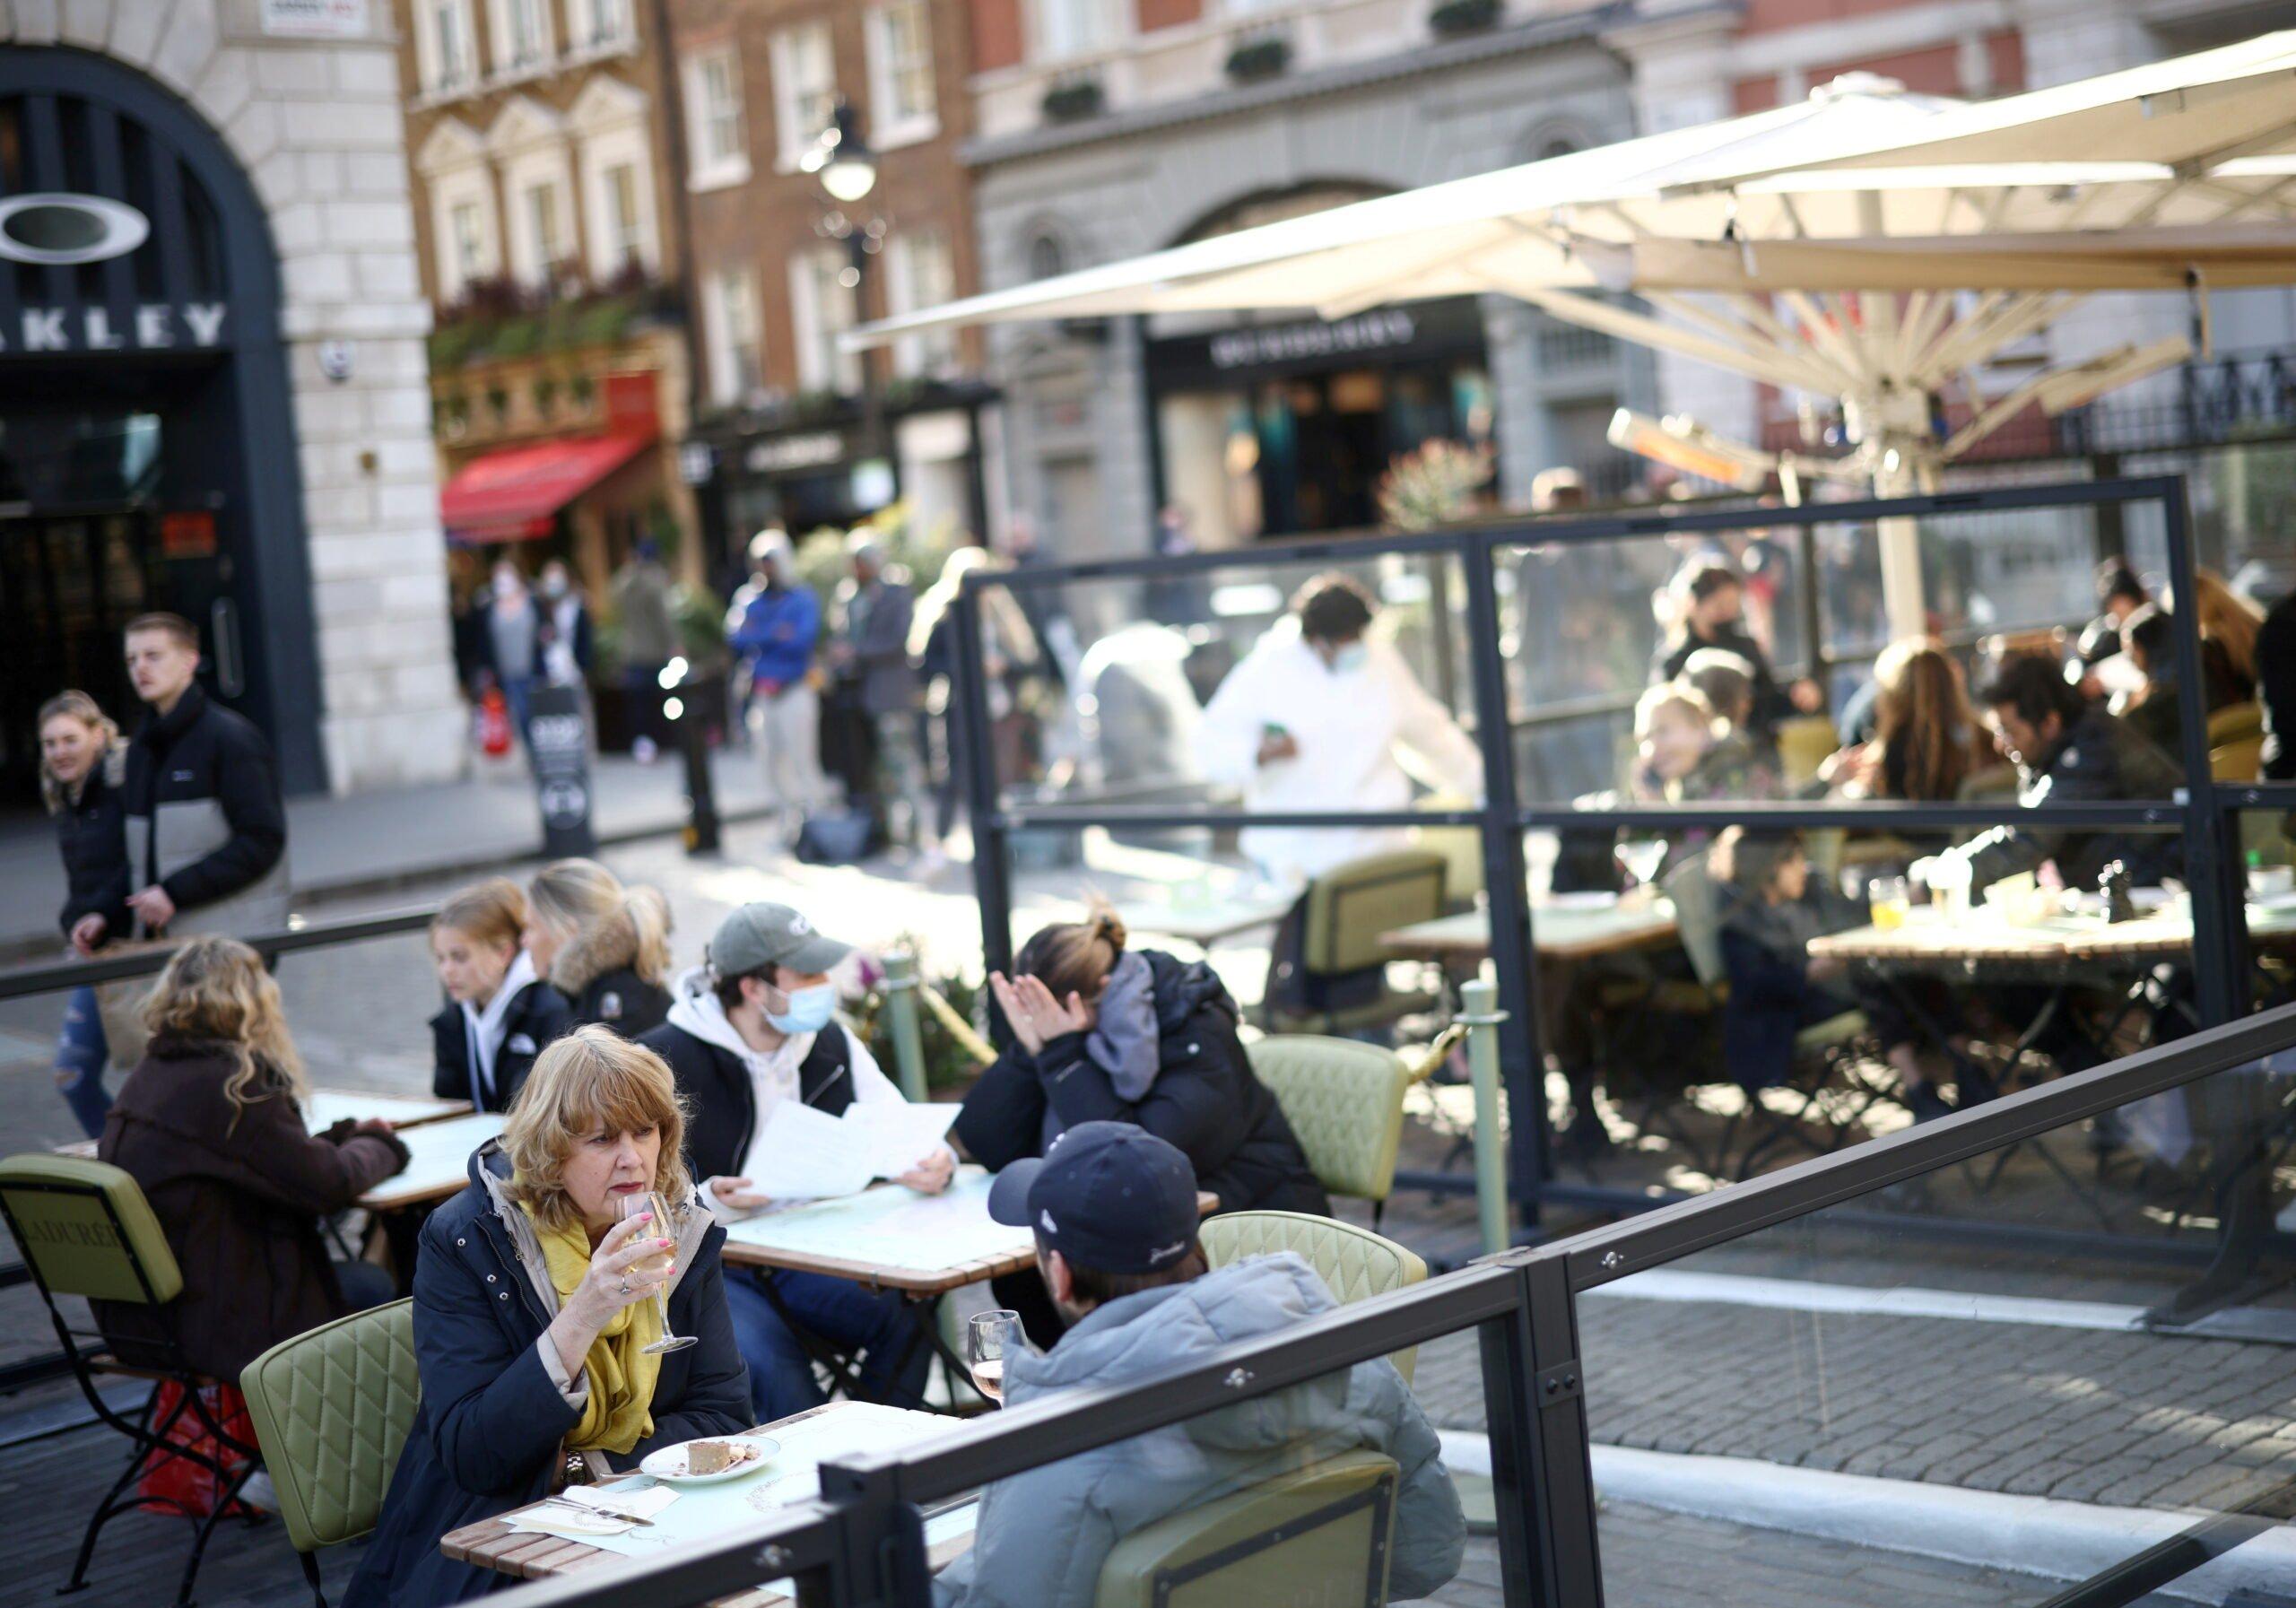 Οι διαφημίσεις εργασίας στο Ηνωμένο Βασίλειο και οι κρατήσεις εστιατορίων ανακάμπτουν καθώς το κλείδωμα μειώνεται